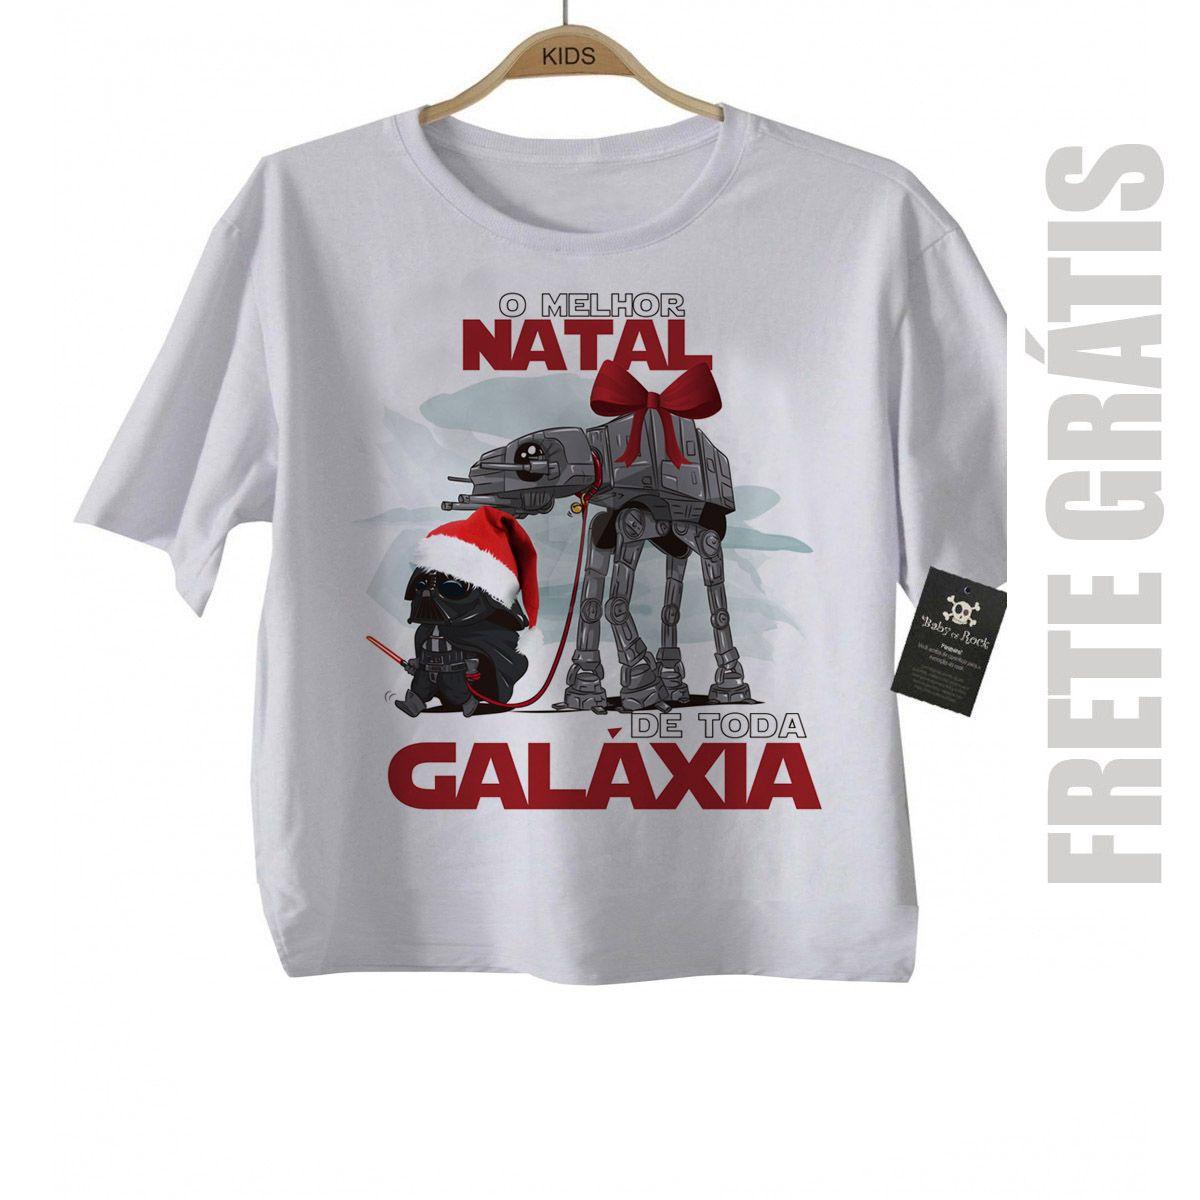 Camiseta de Rock Natal -  Star Wars - White  - Baby Monster - Body Bebe